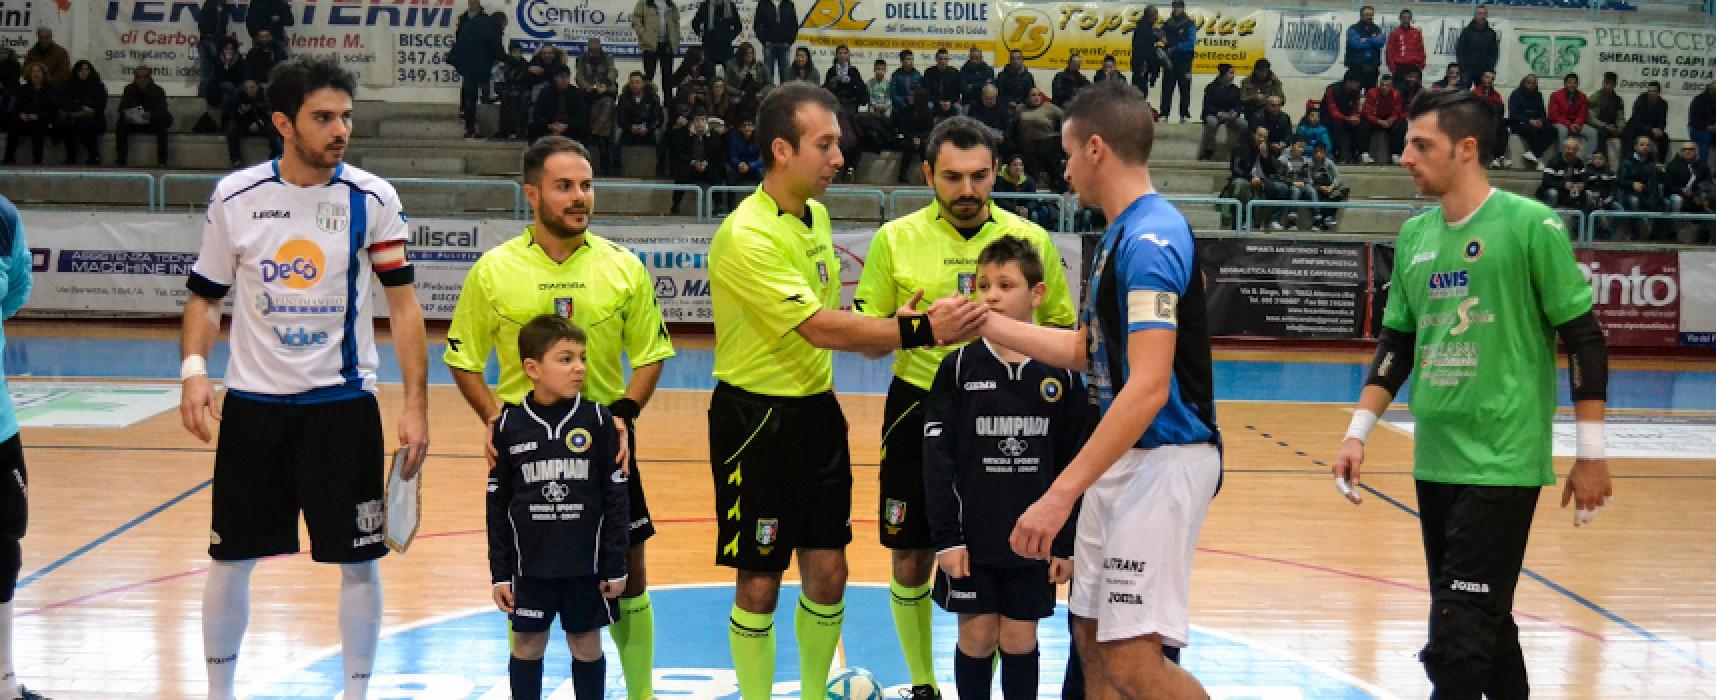 Futsal Bisceglie-Venafro, le interviste post gara/VIDEO